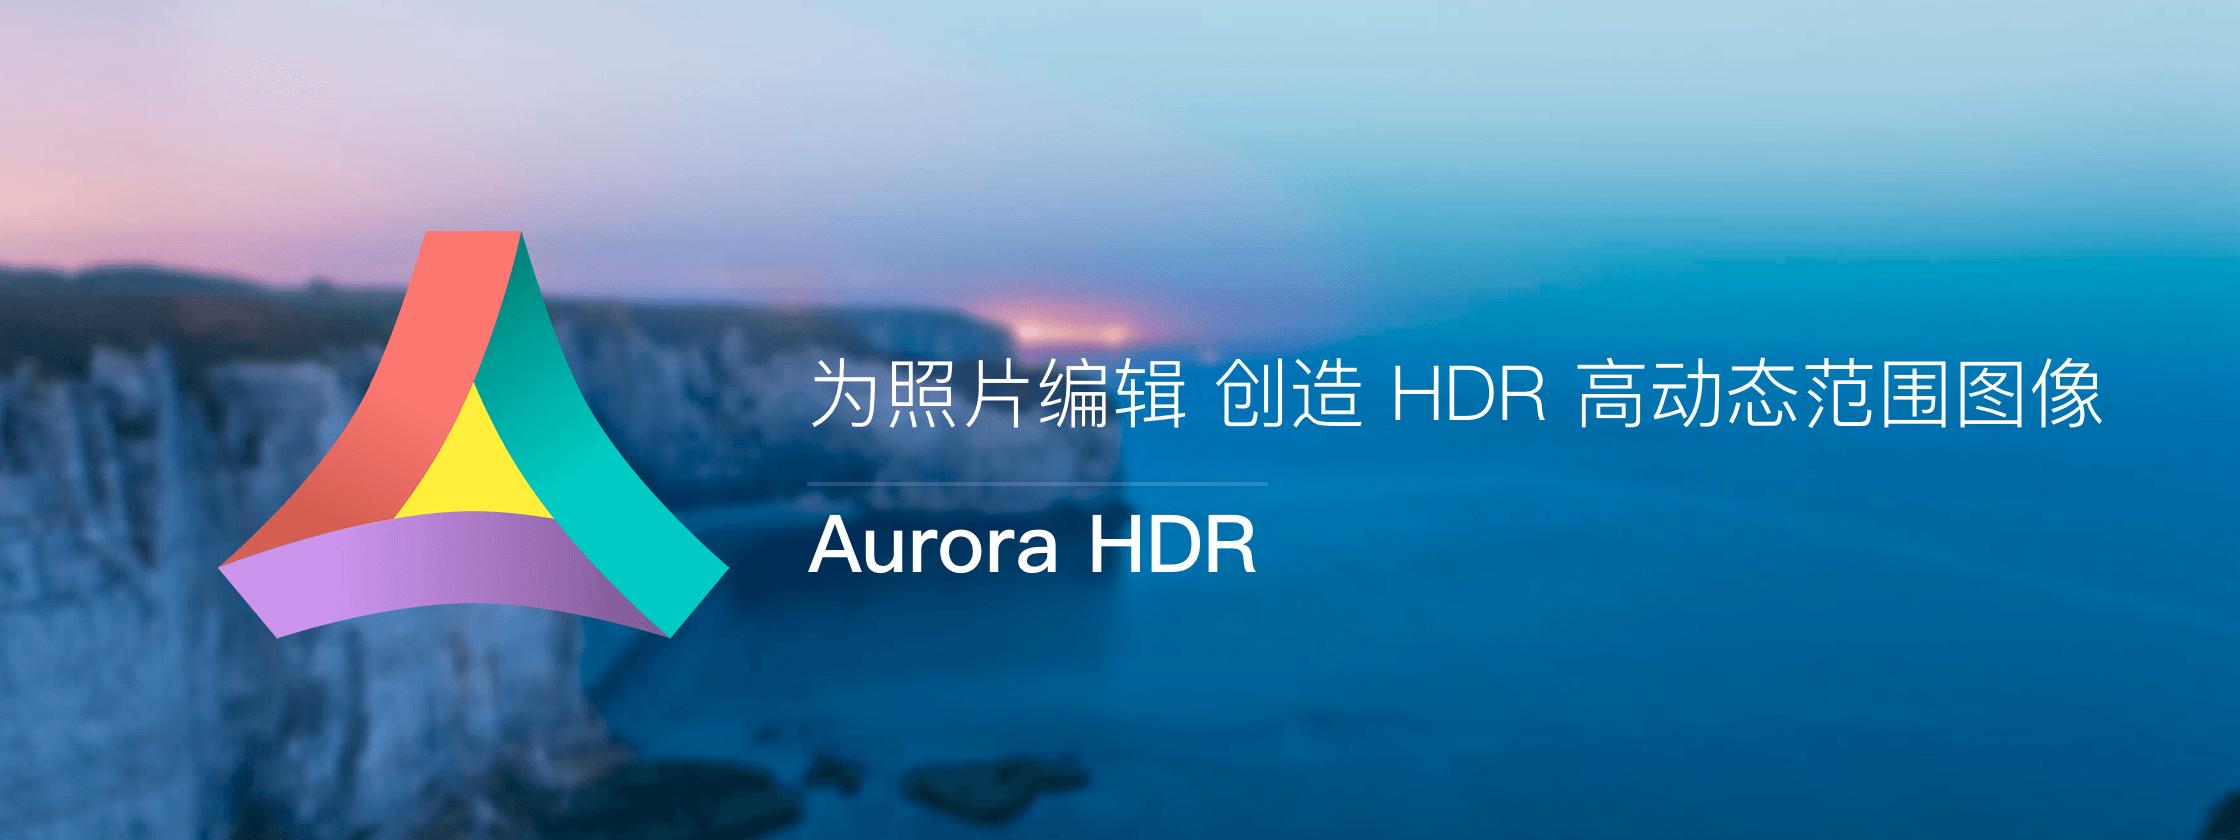 Aurora HDR,让你轻松创作出 HDR 高动态范围影像